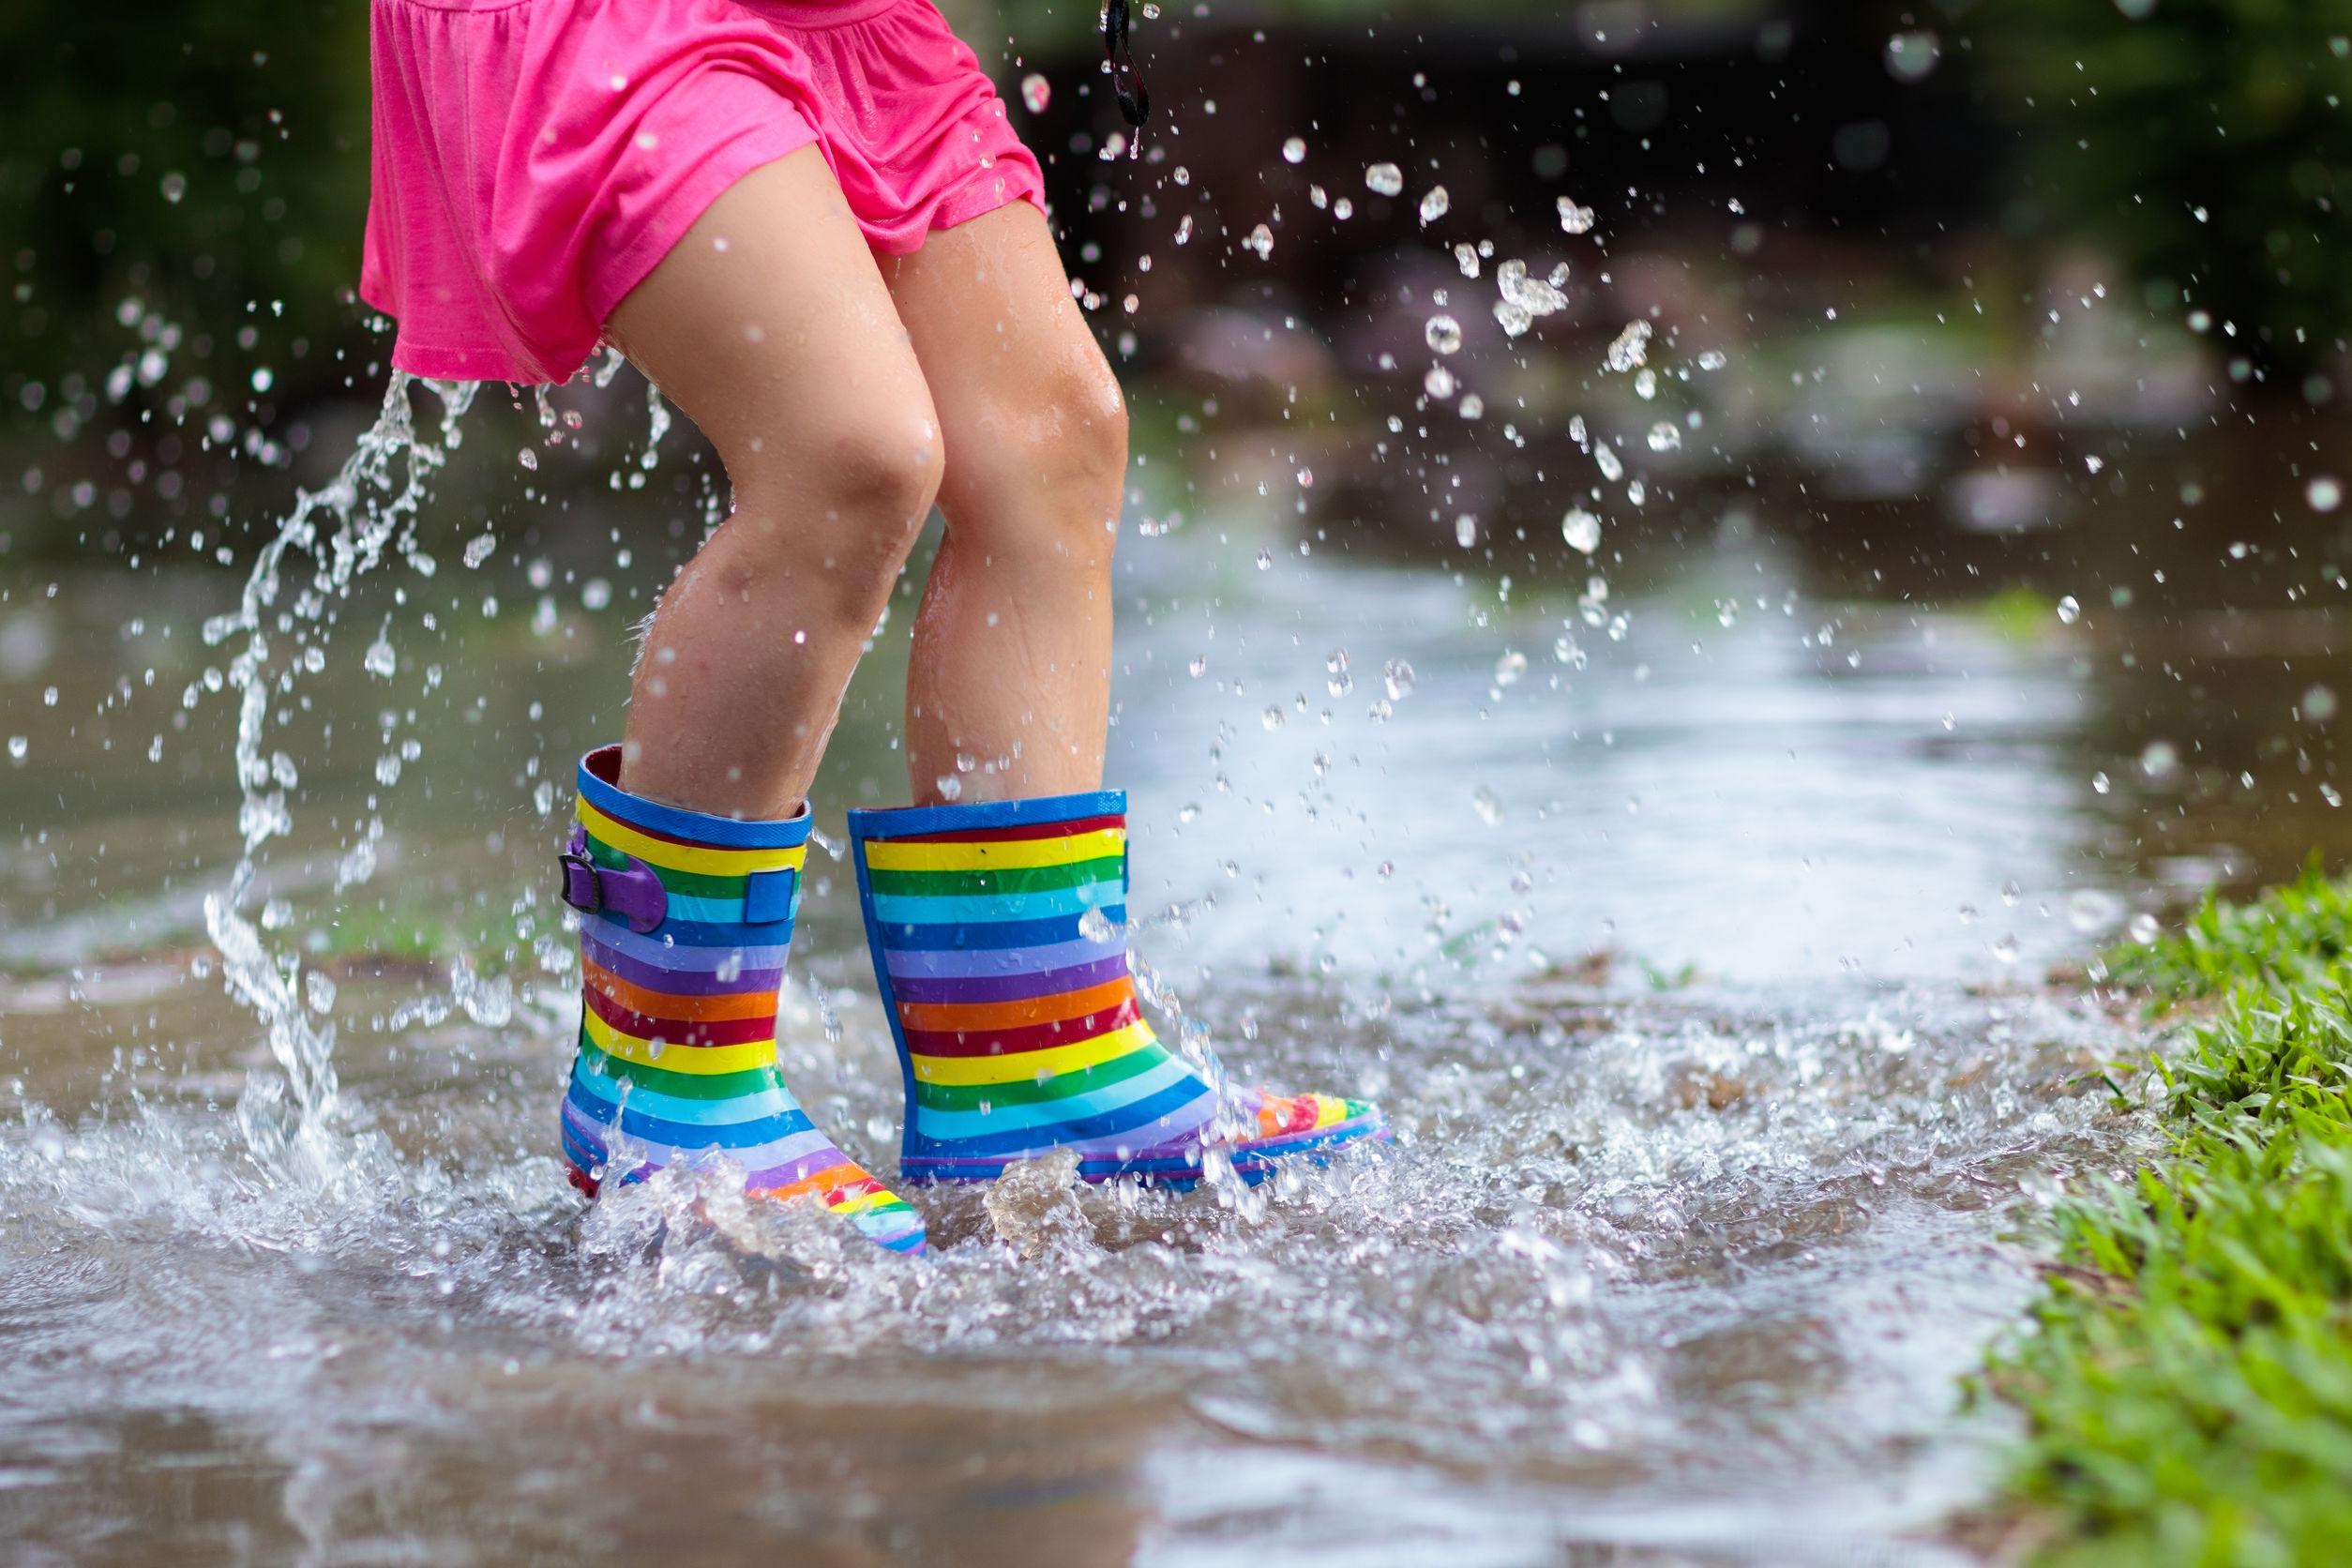 Gummistiefel Kinder: Test & Empfehlungen (03/21)